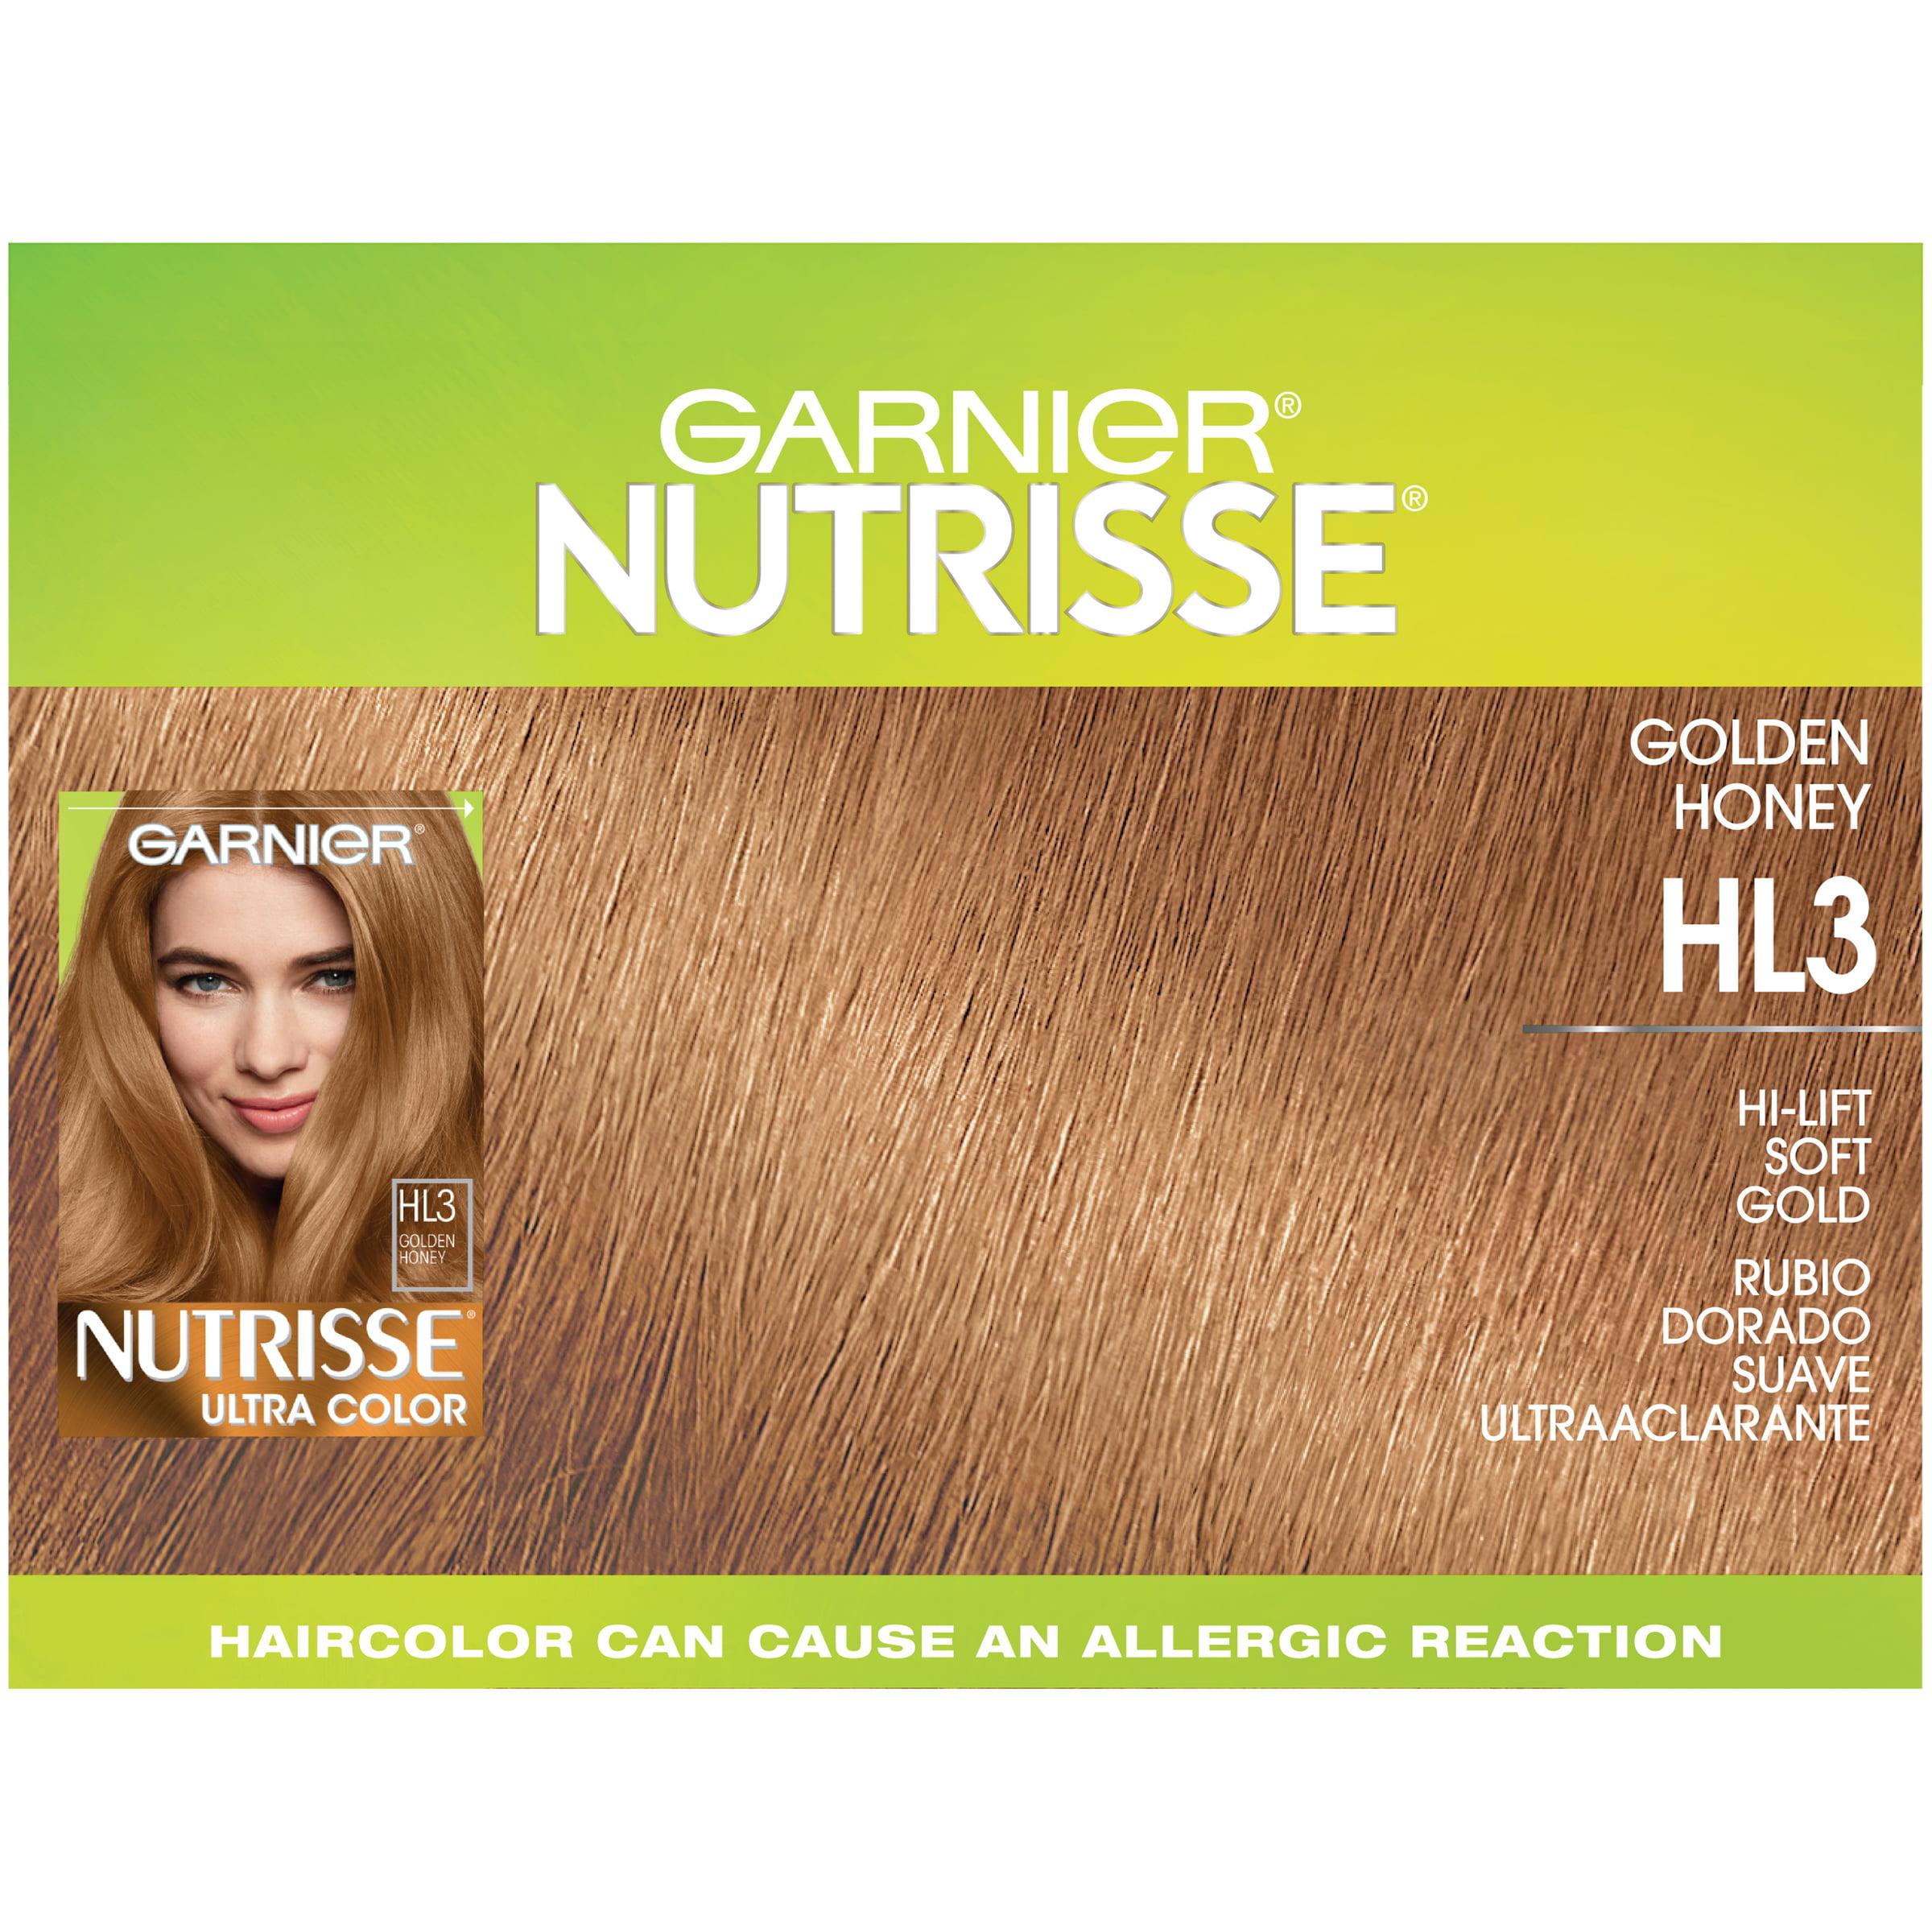 Garnier Nutrisse Ultra Color Nourishing Color Creme Walmart